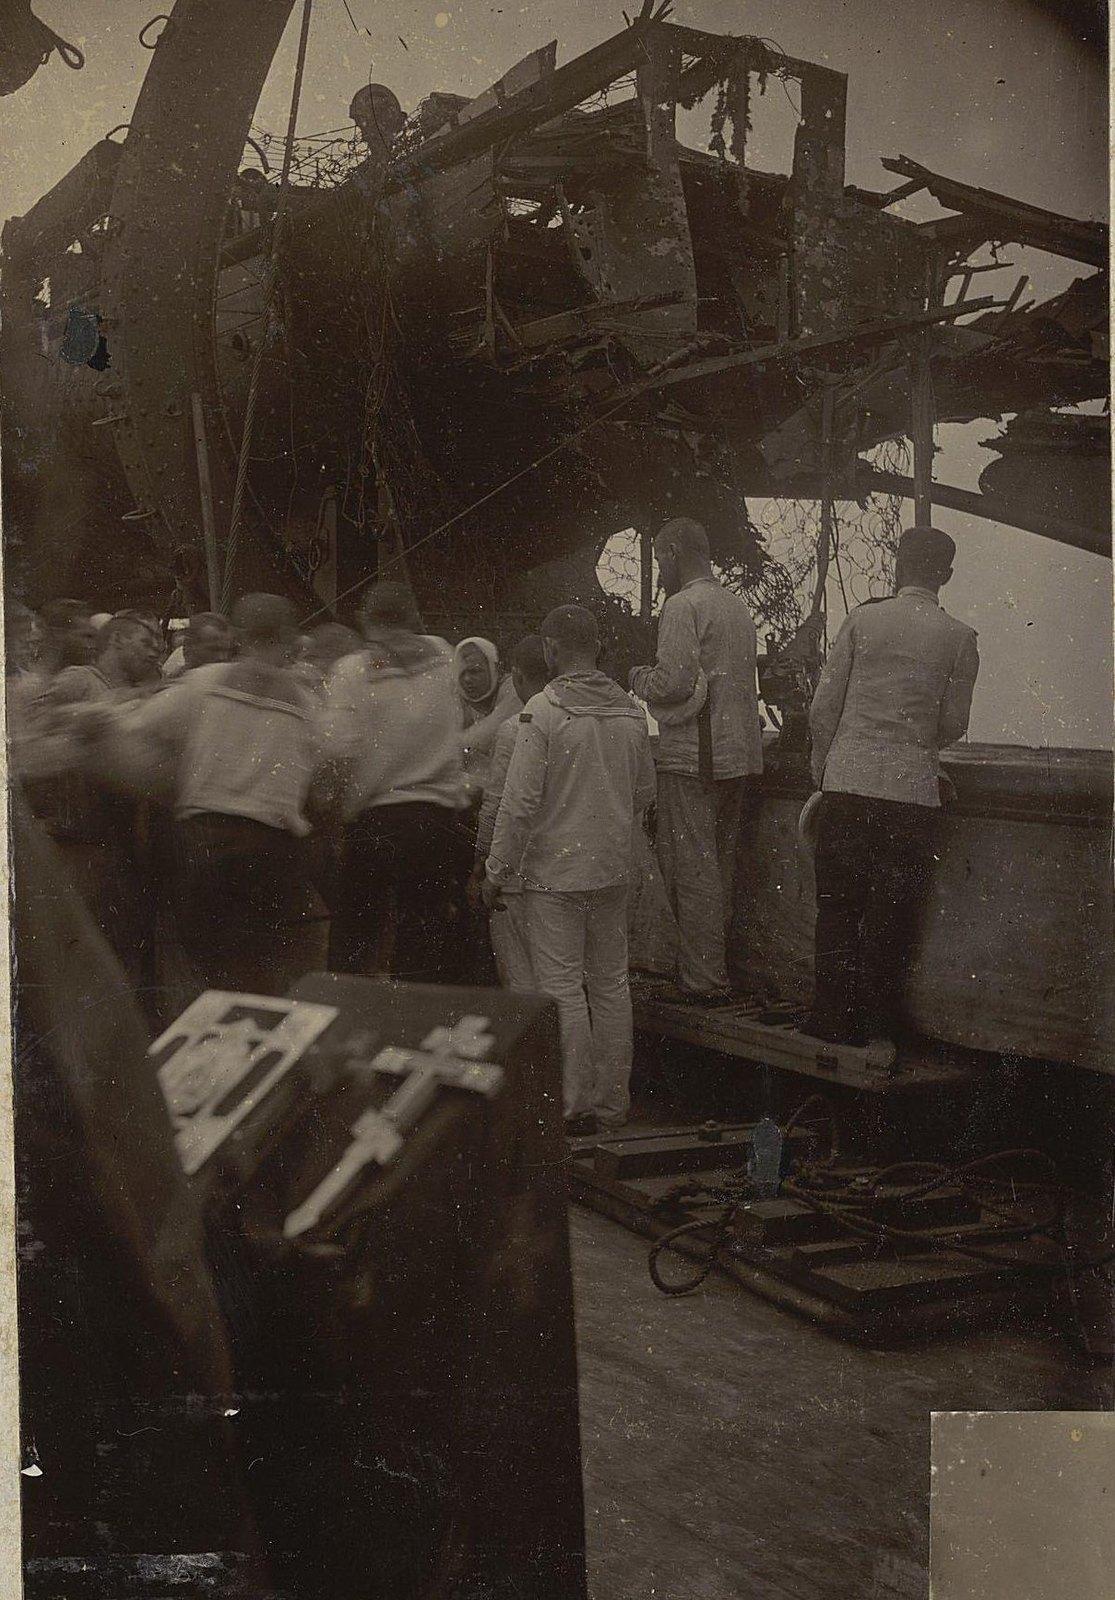 Похороны погибших на 'России' в море 2 августа 1904 г.